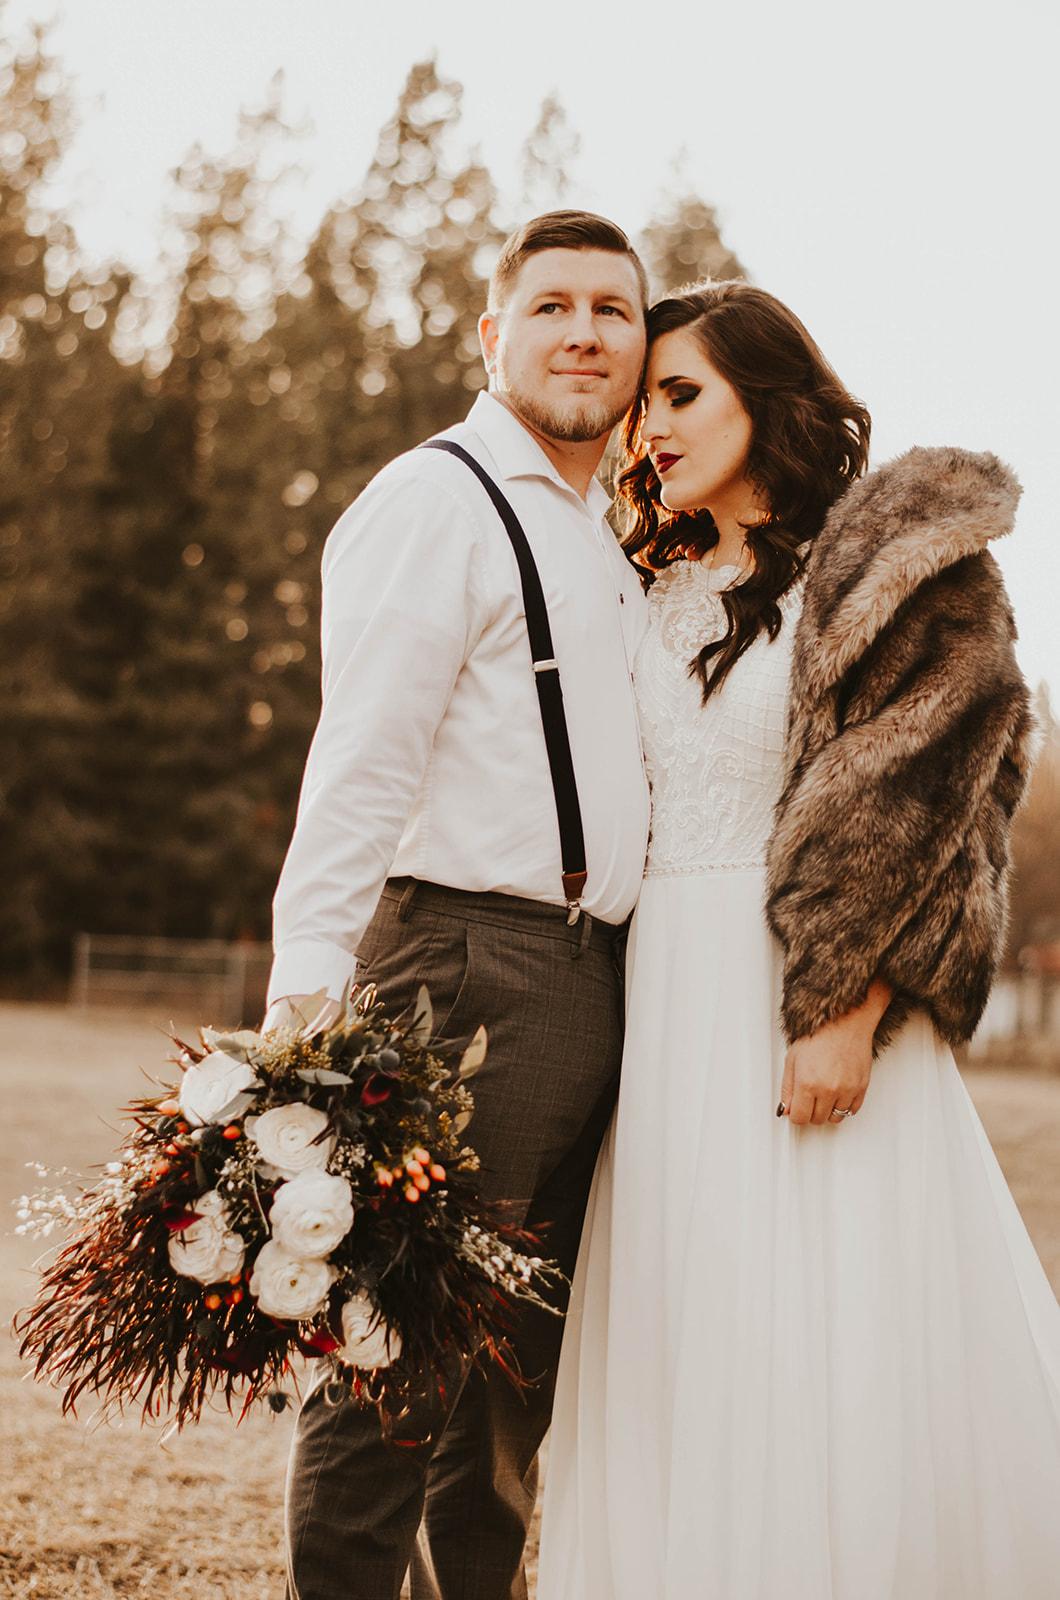 bride and groom spokane elopement wedding dress